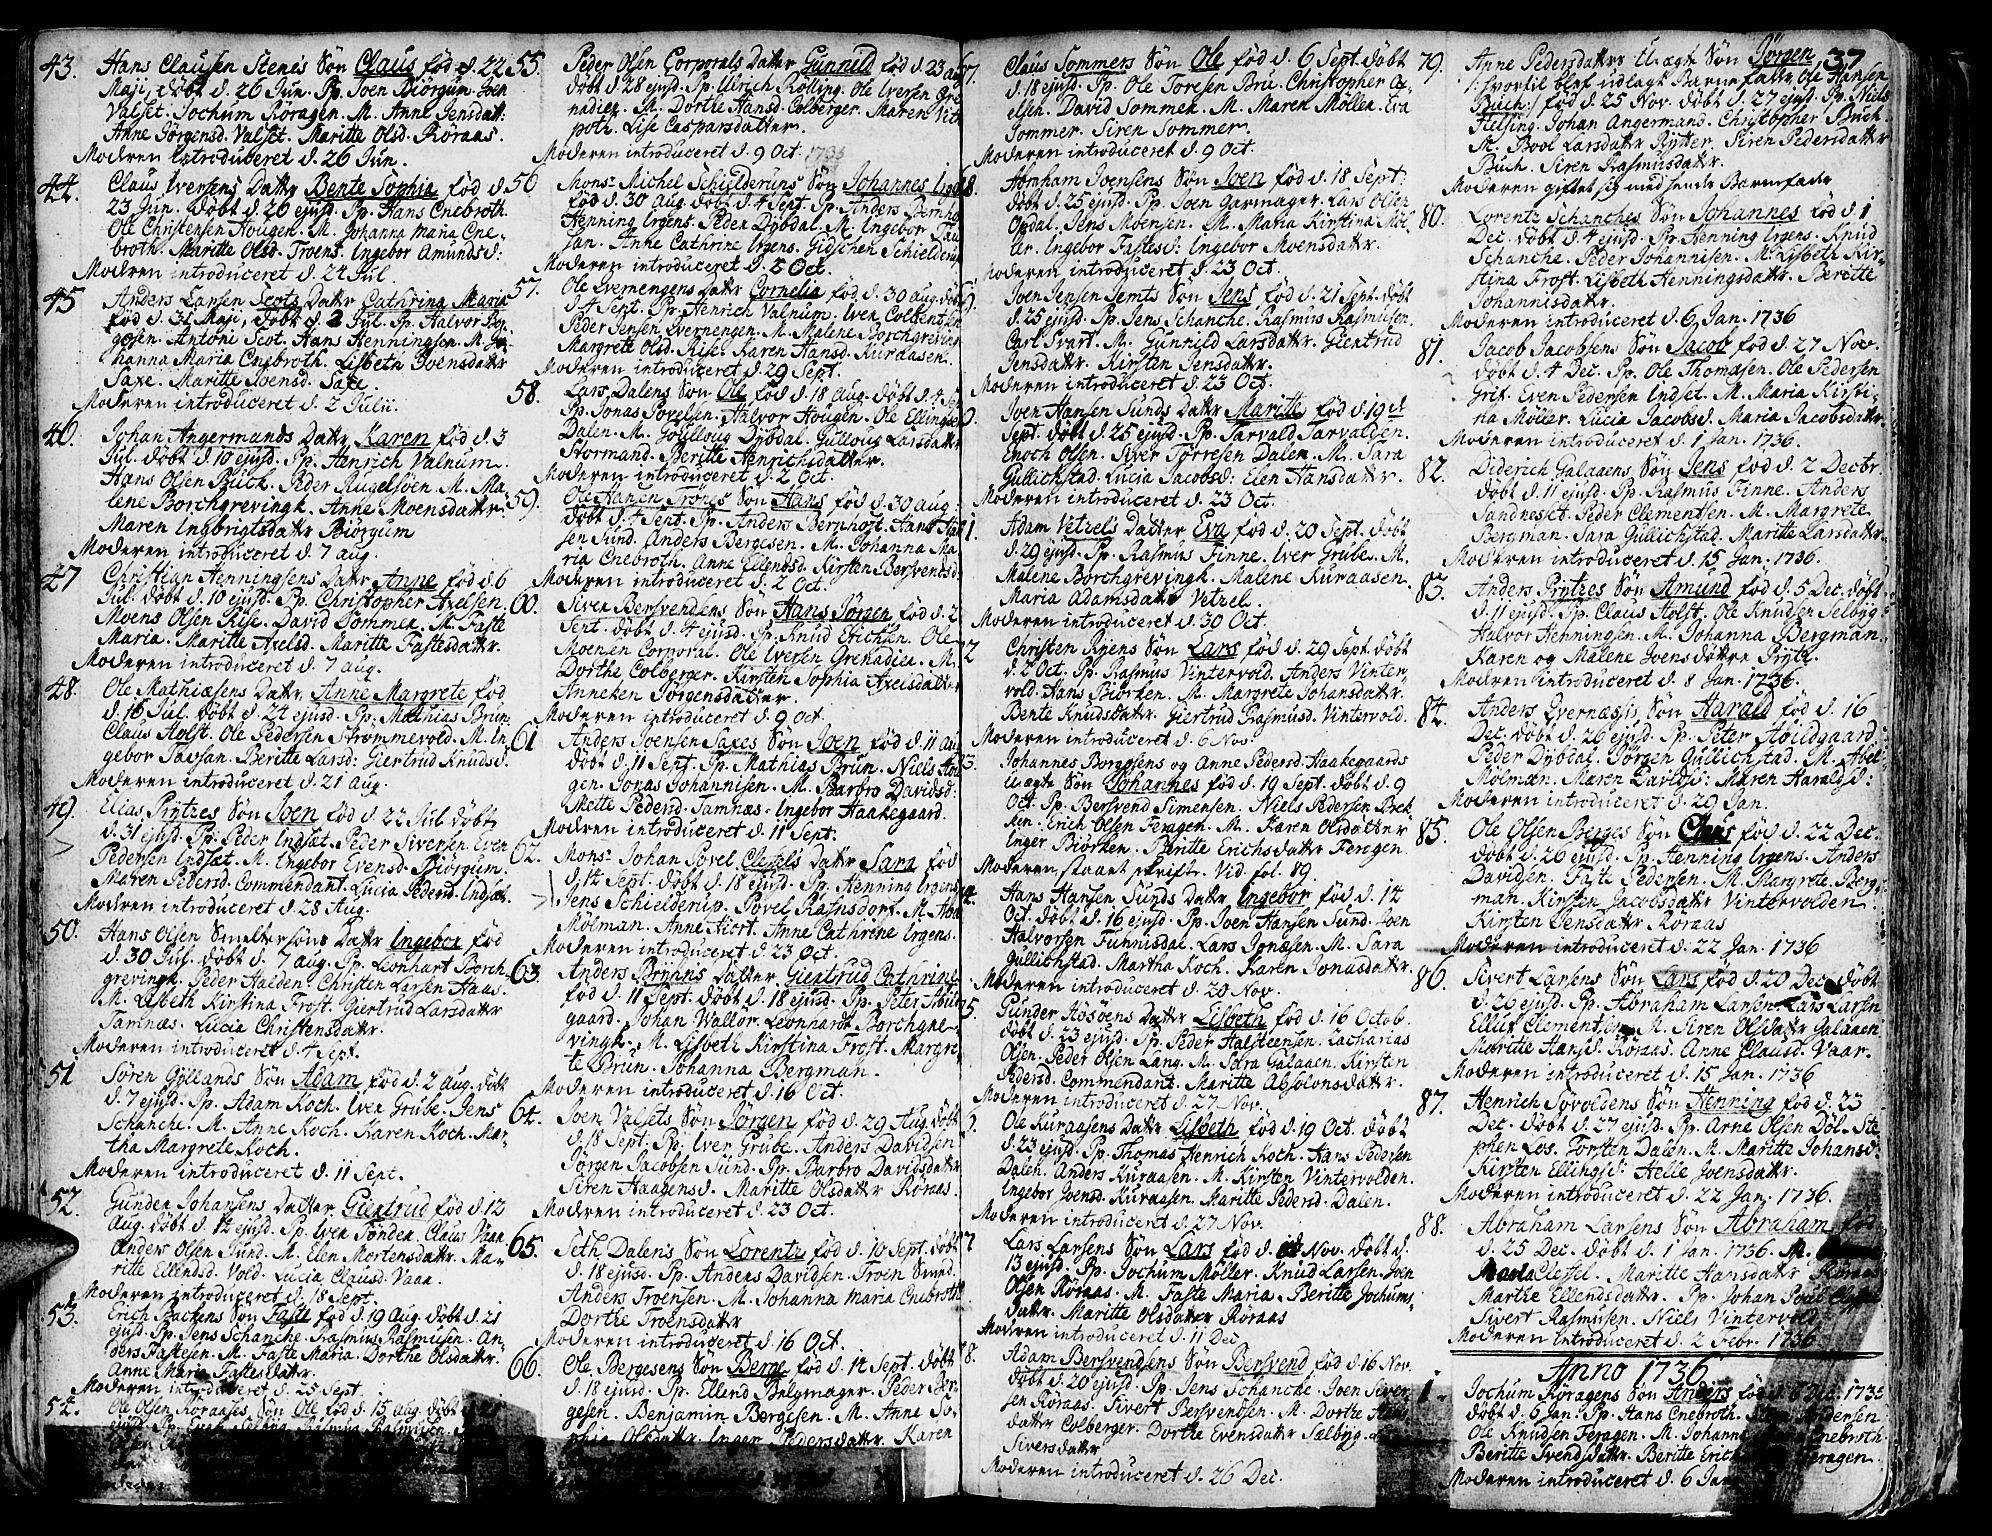 SAT, Ministerialprotokoller, klokkerbøker og fødselsregistre - Sør-Trøndelag, 681/L0925: Ministerialbok nr. 681A03, 1727-1766, s. 37